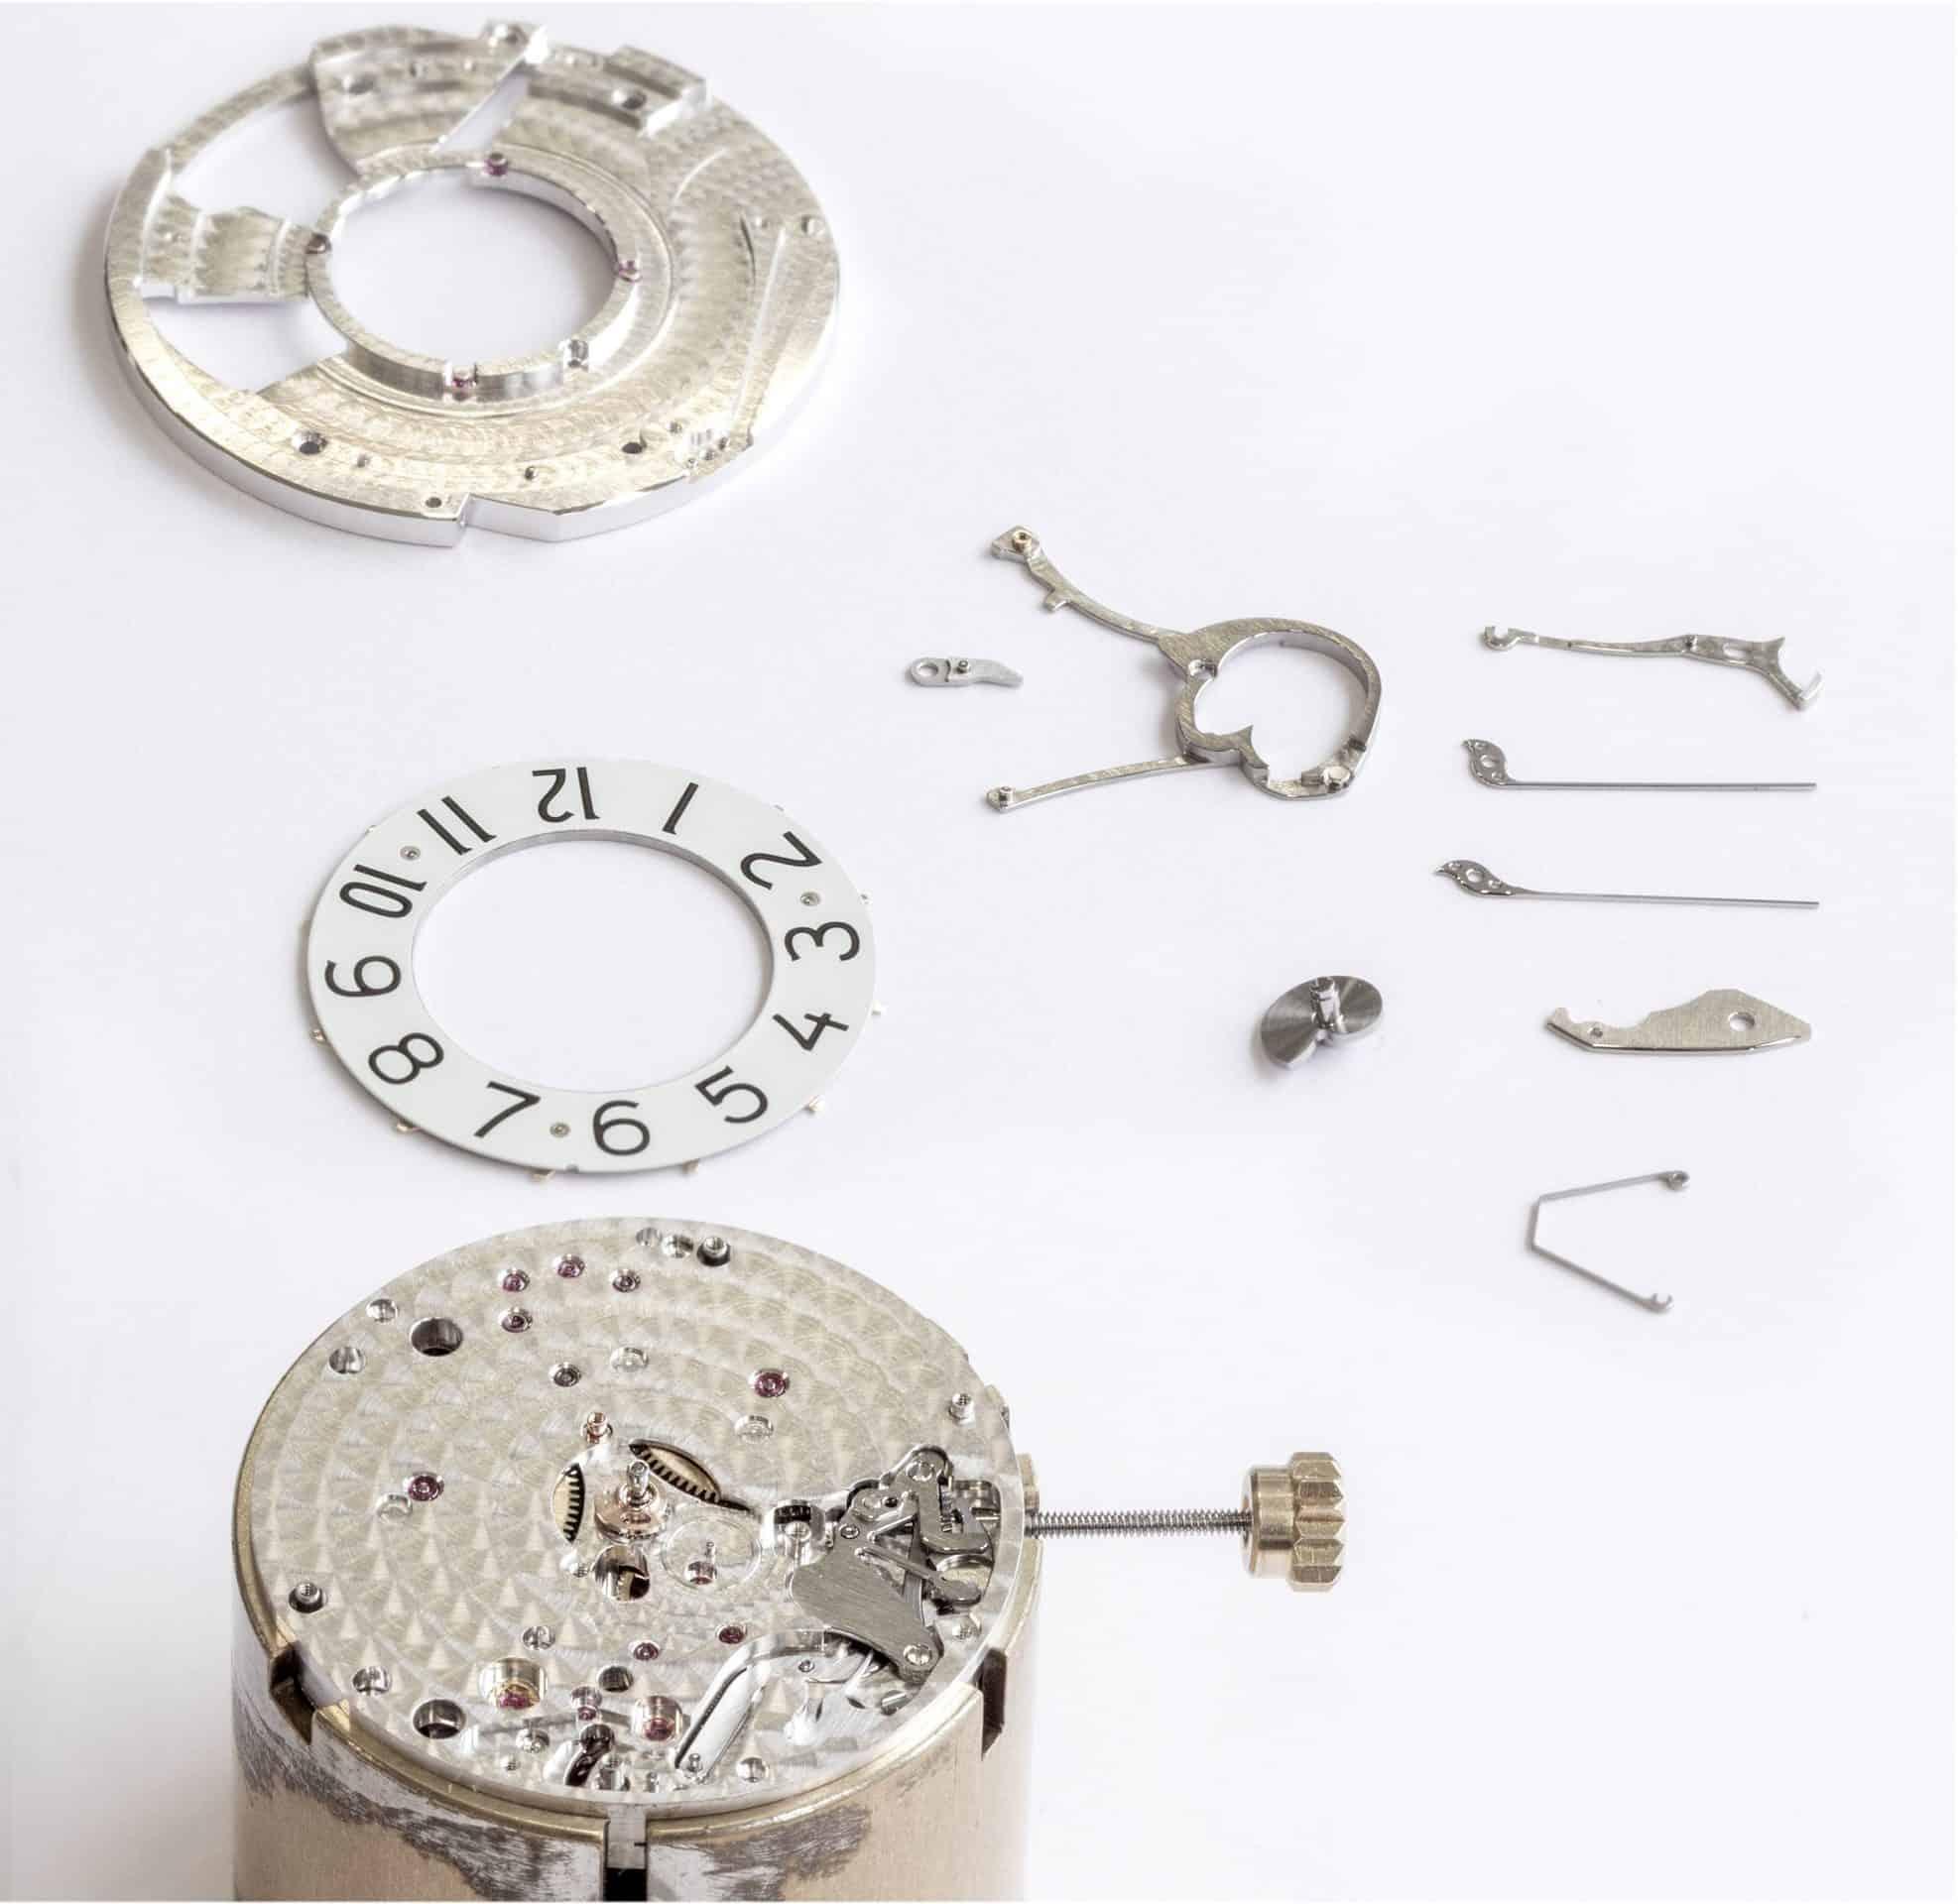 L.U.C 98.01-L Komponenten für springende digitale Stundenanzeige